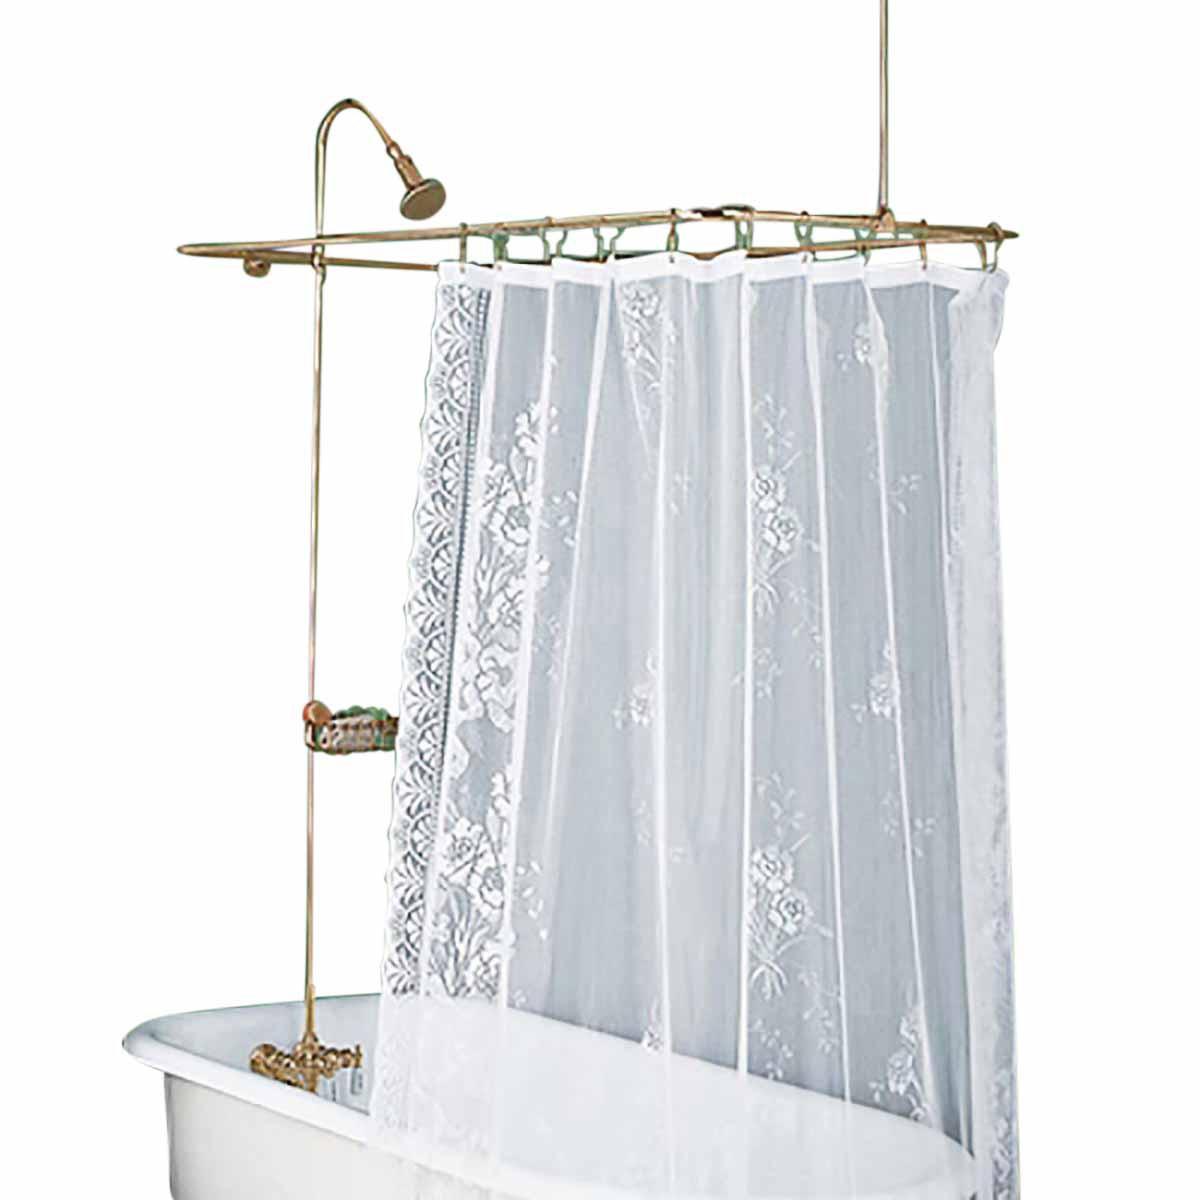 Shower Surround Bright Brass Rectangular Braces Only